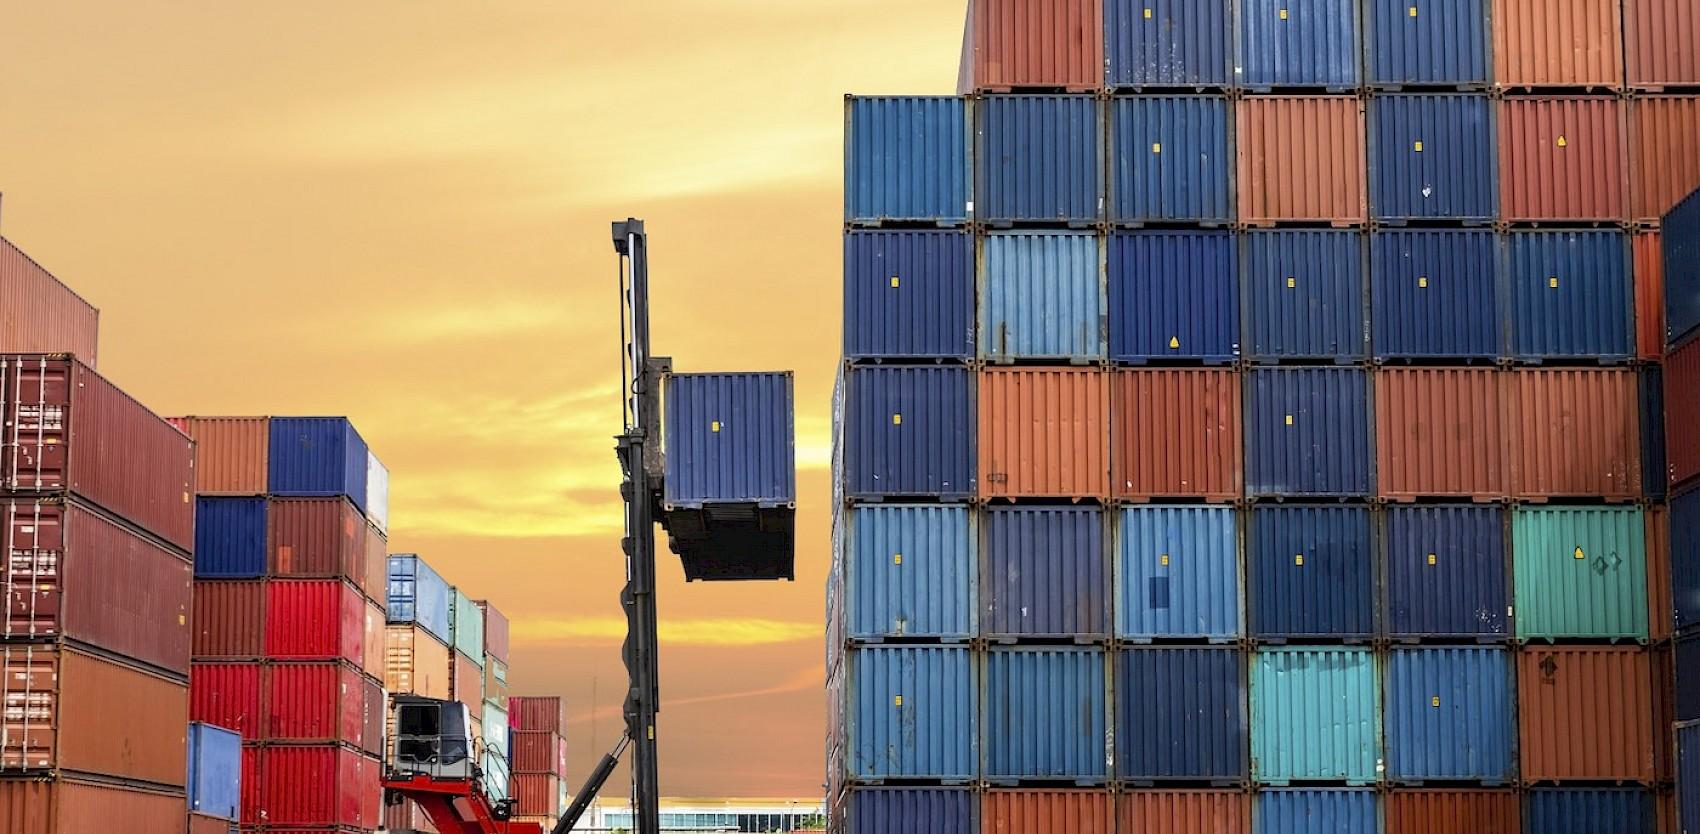 150.2 % زيادة في حجم الصادرات المصرية للأردن في الربع الأول